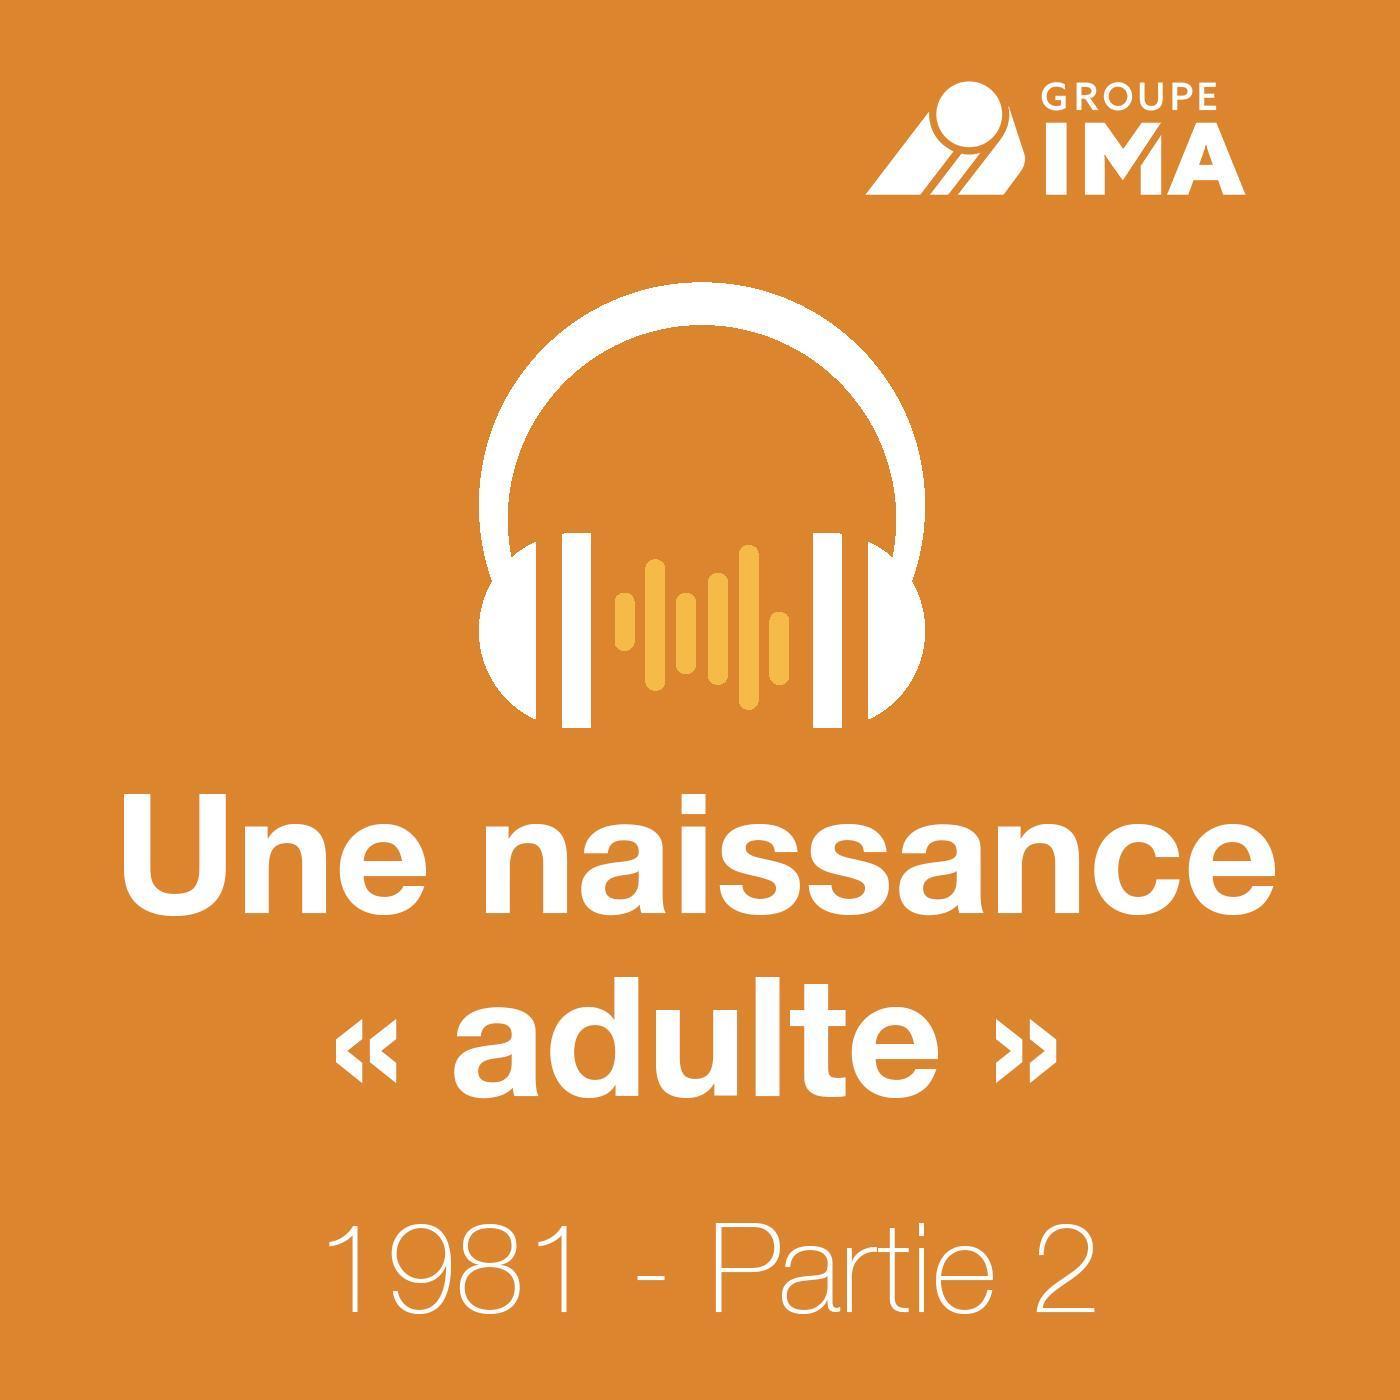 1981, une naissance « adulte » - Partie 2